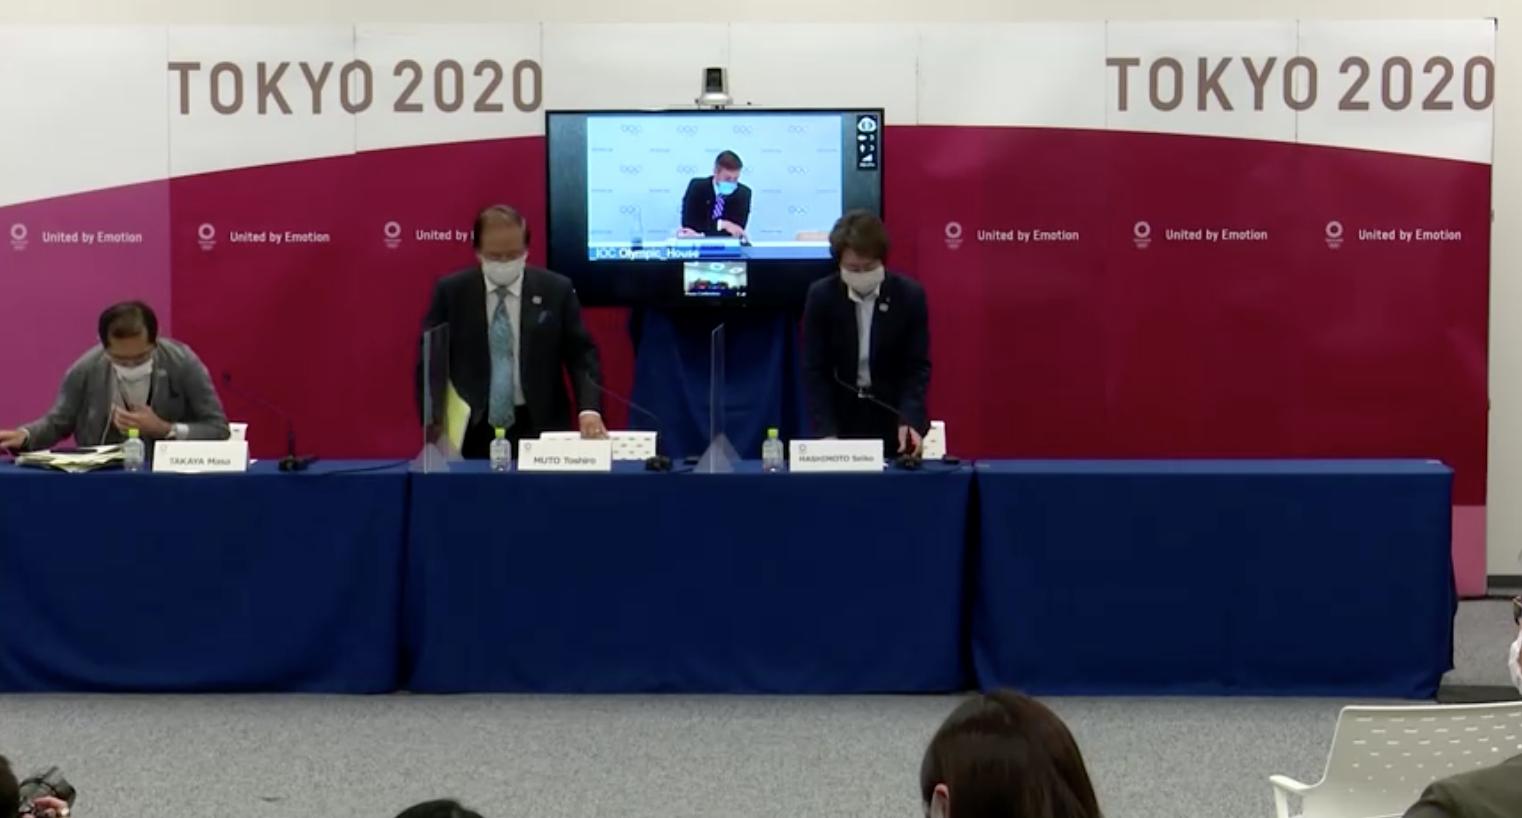 Viên chức ủy ban Olympic quốc tế cho biết Thế Vận Hội sẽ diễn ra ngay cả trong tình trạng khẩn cấp